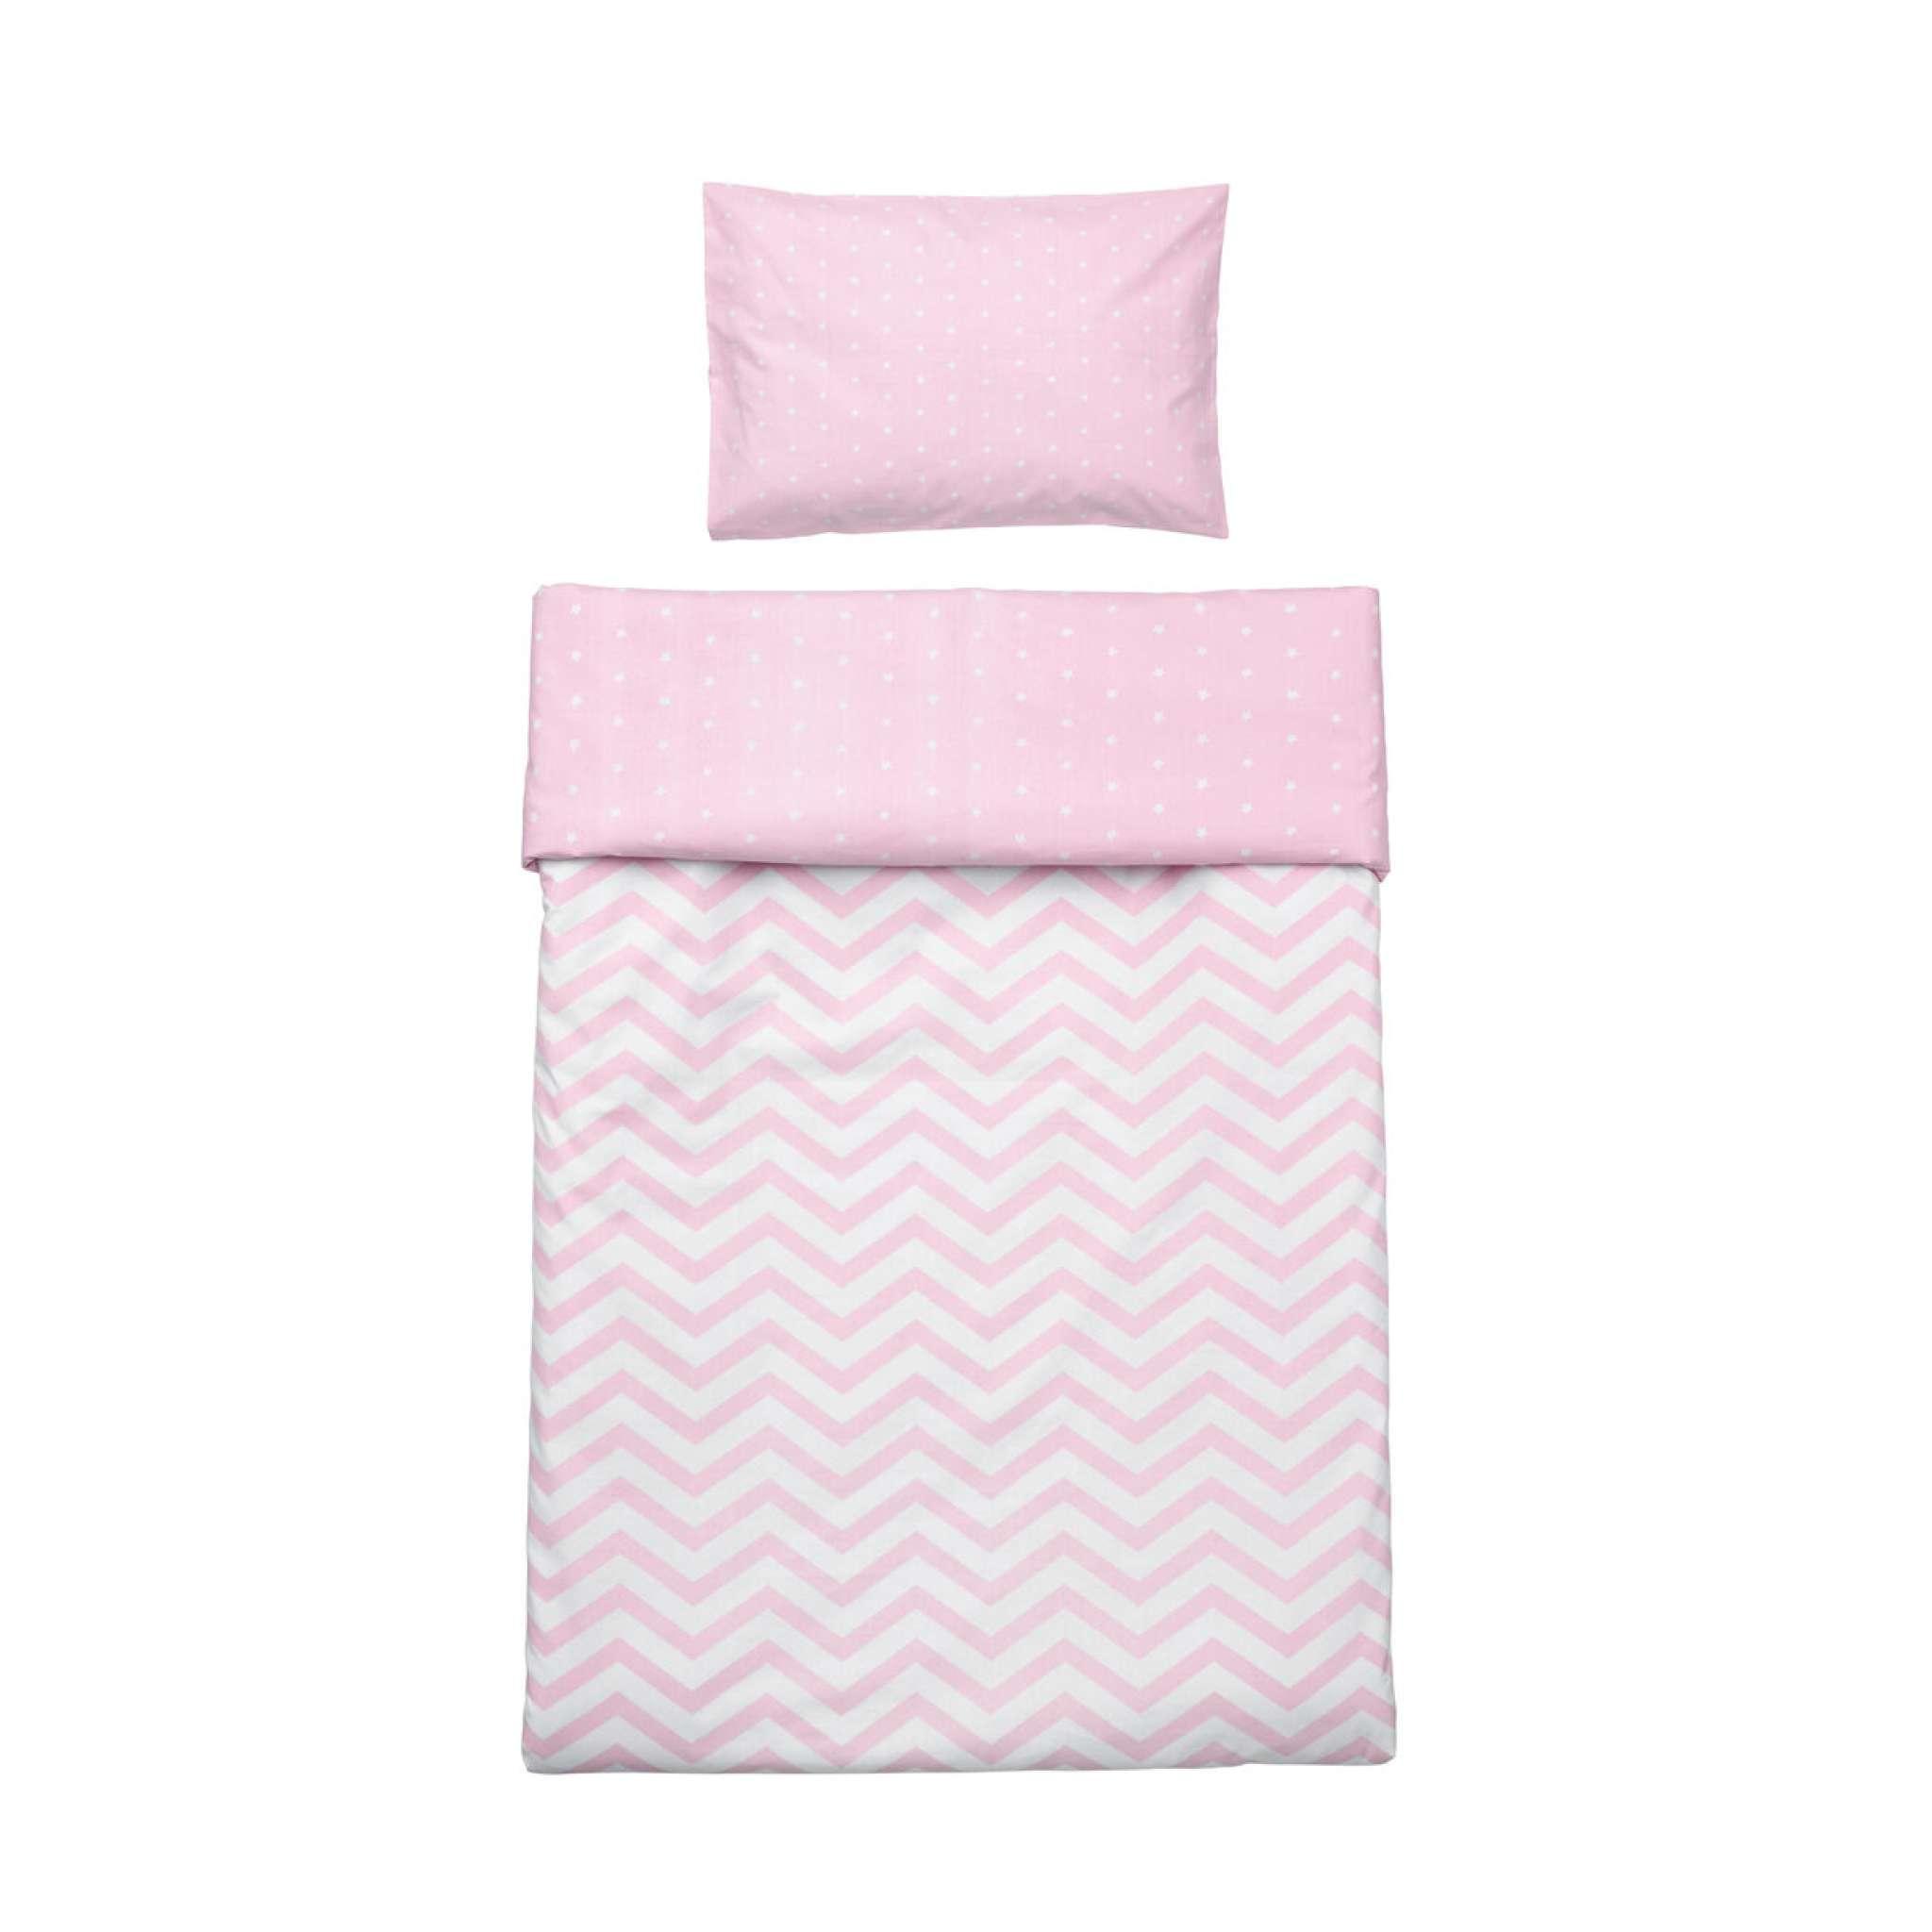 Bäddset spjälsäng rosa 100x130 cm